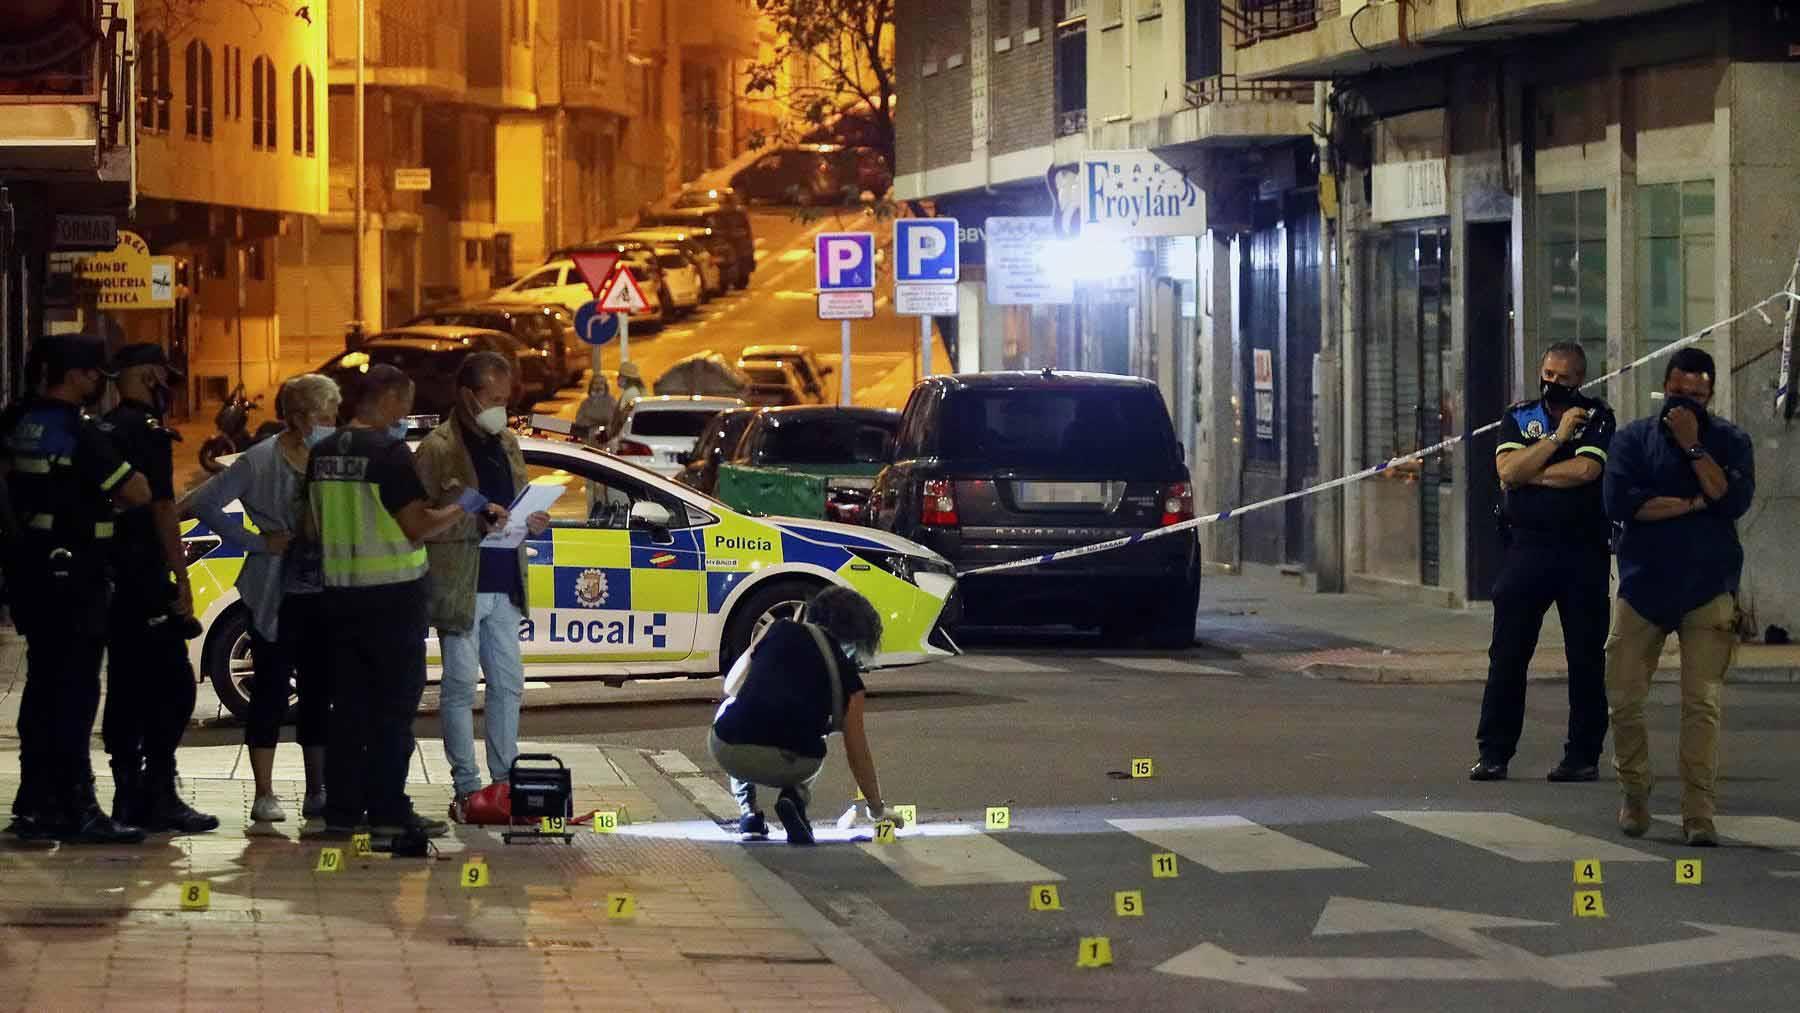 La Policía recoge pruebas en el lugar del tiroteo. Foto: EFE.